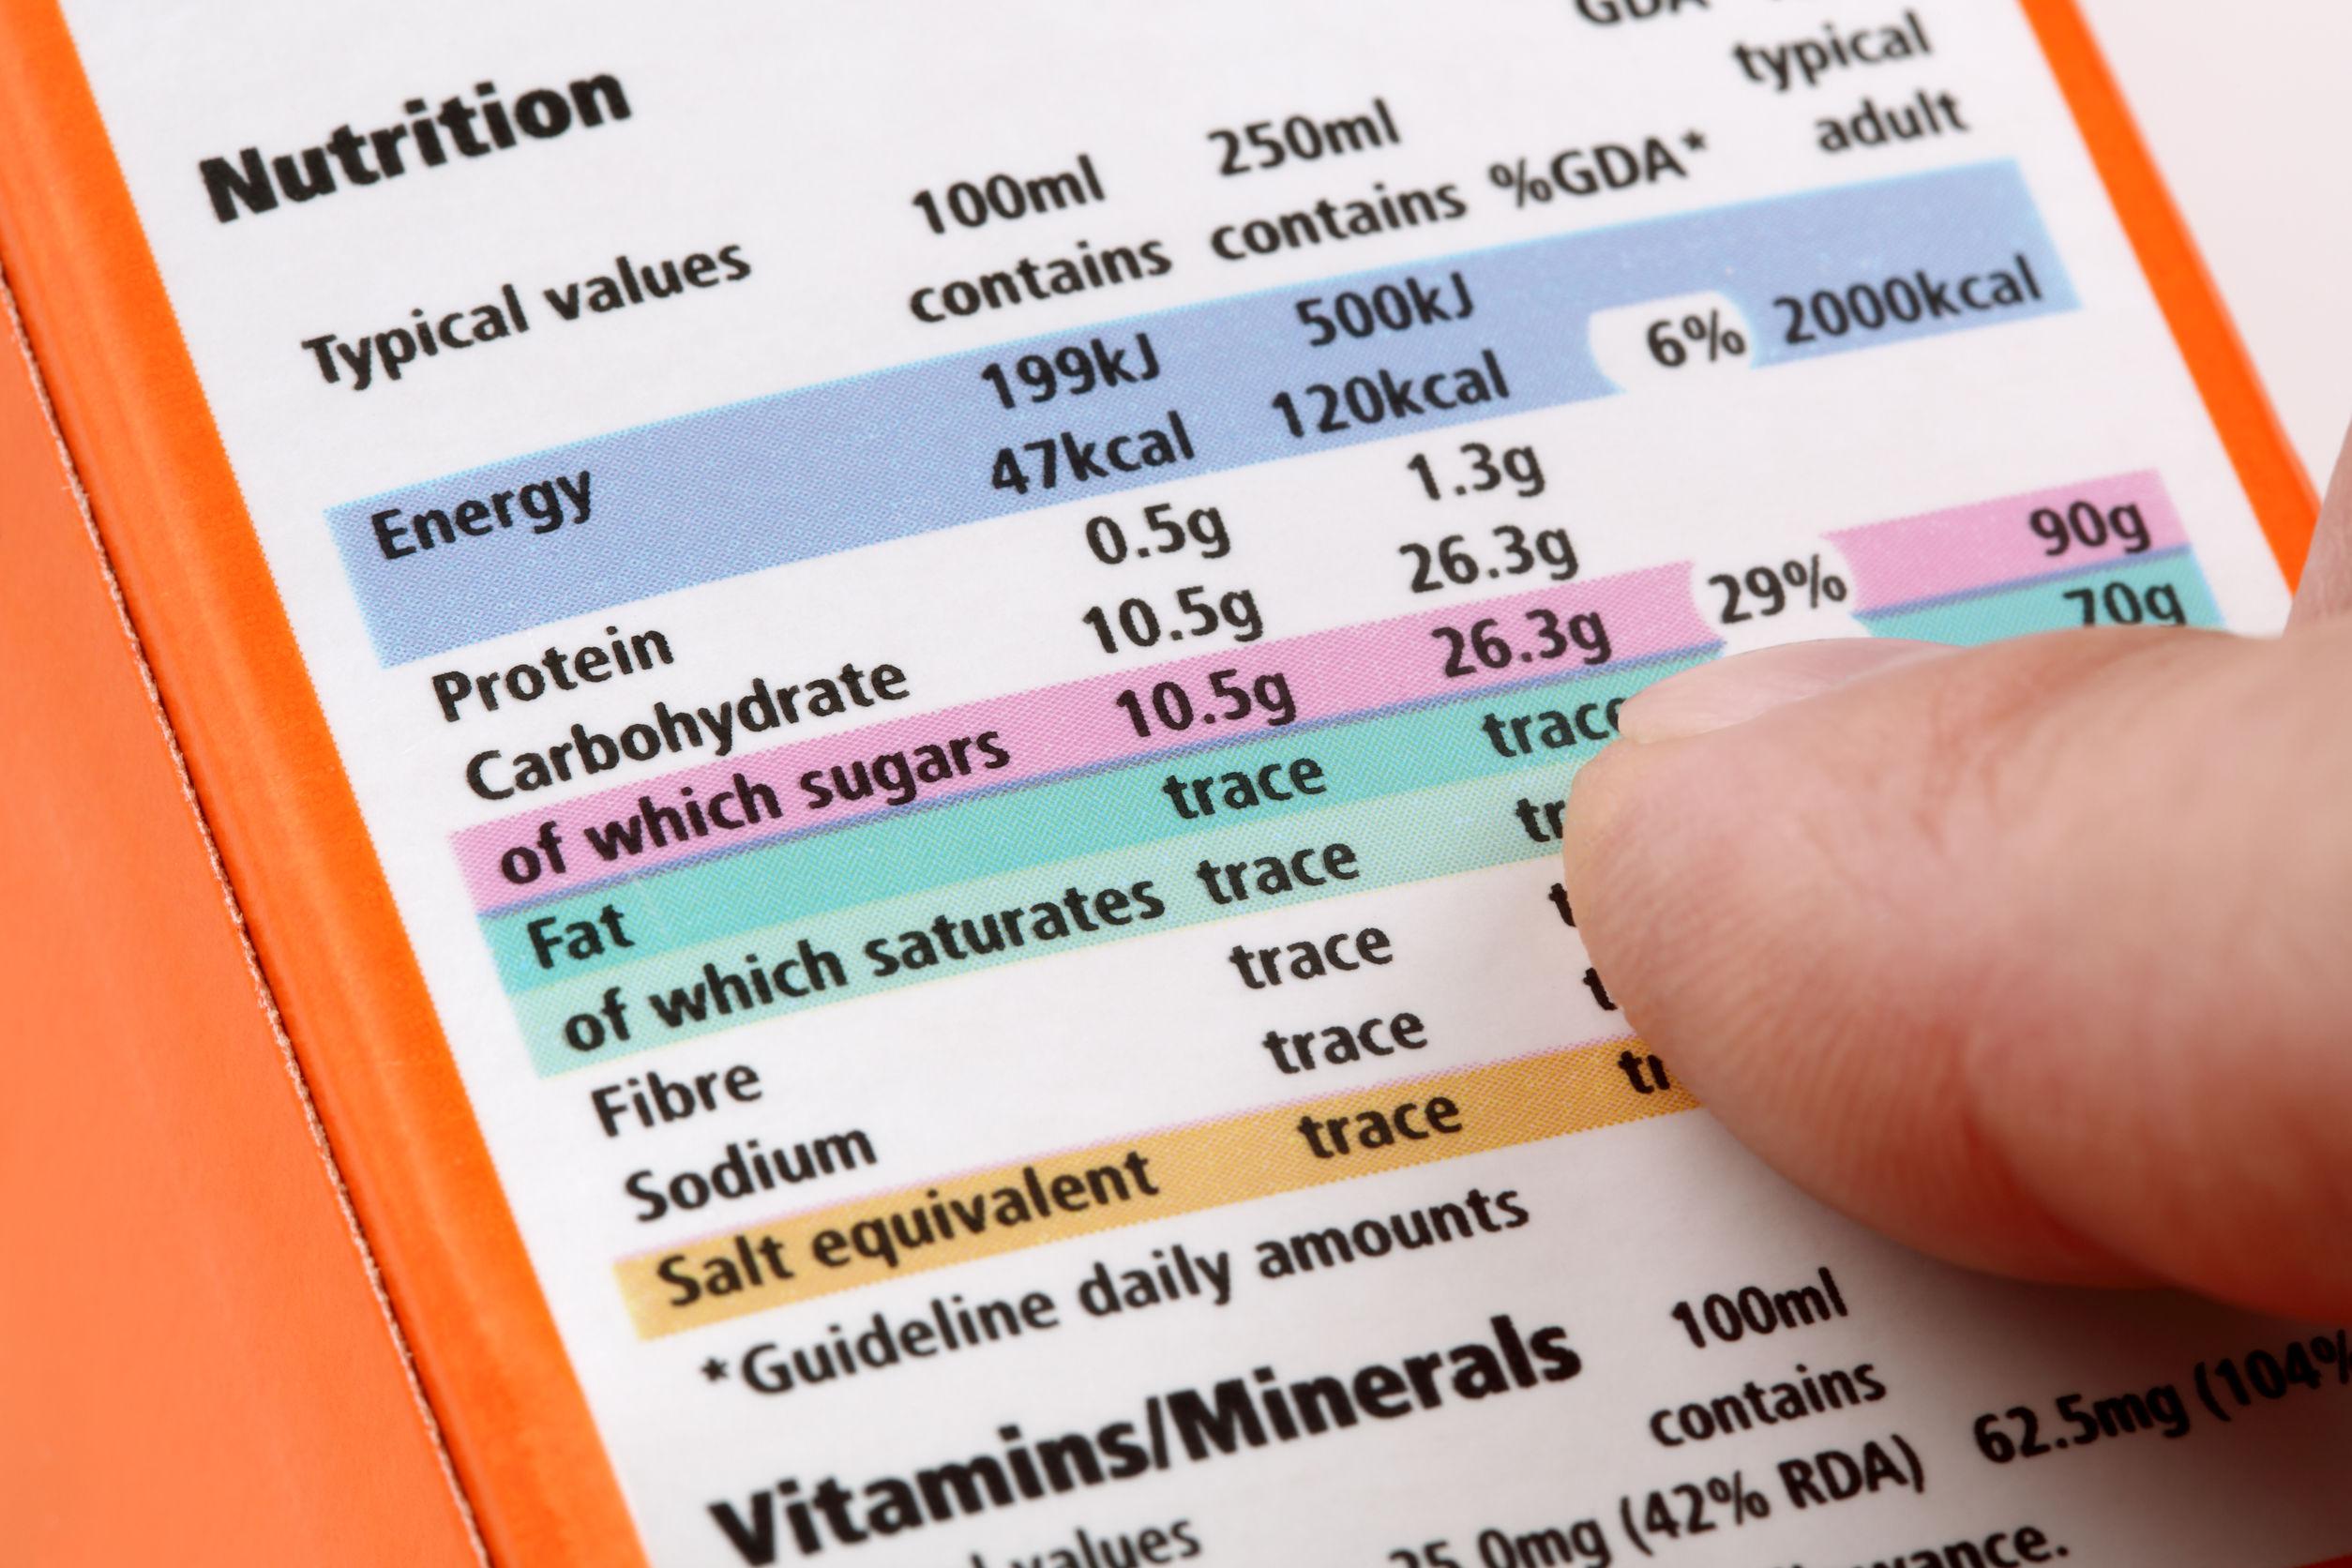 tener en cuenta valores de la tabla nutricional